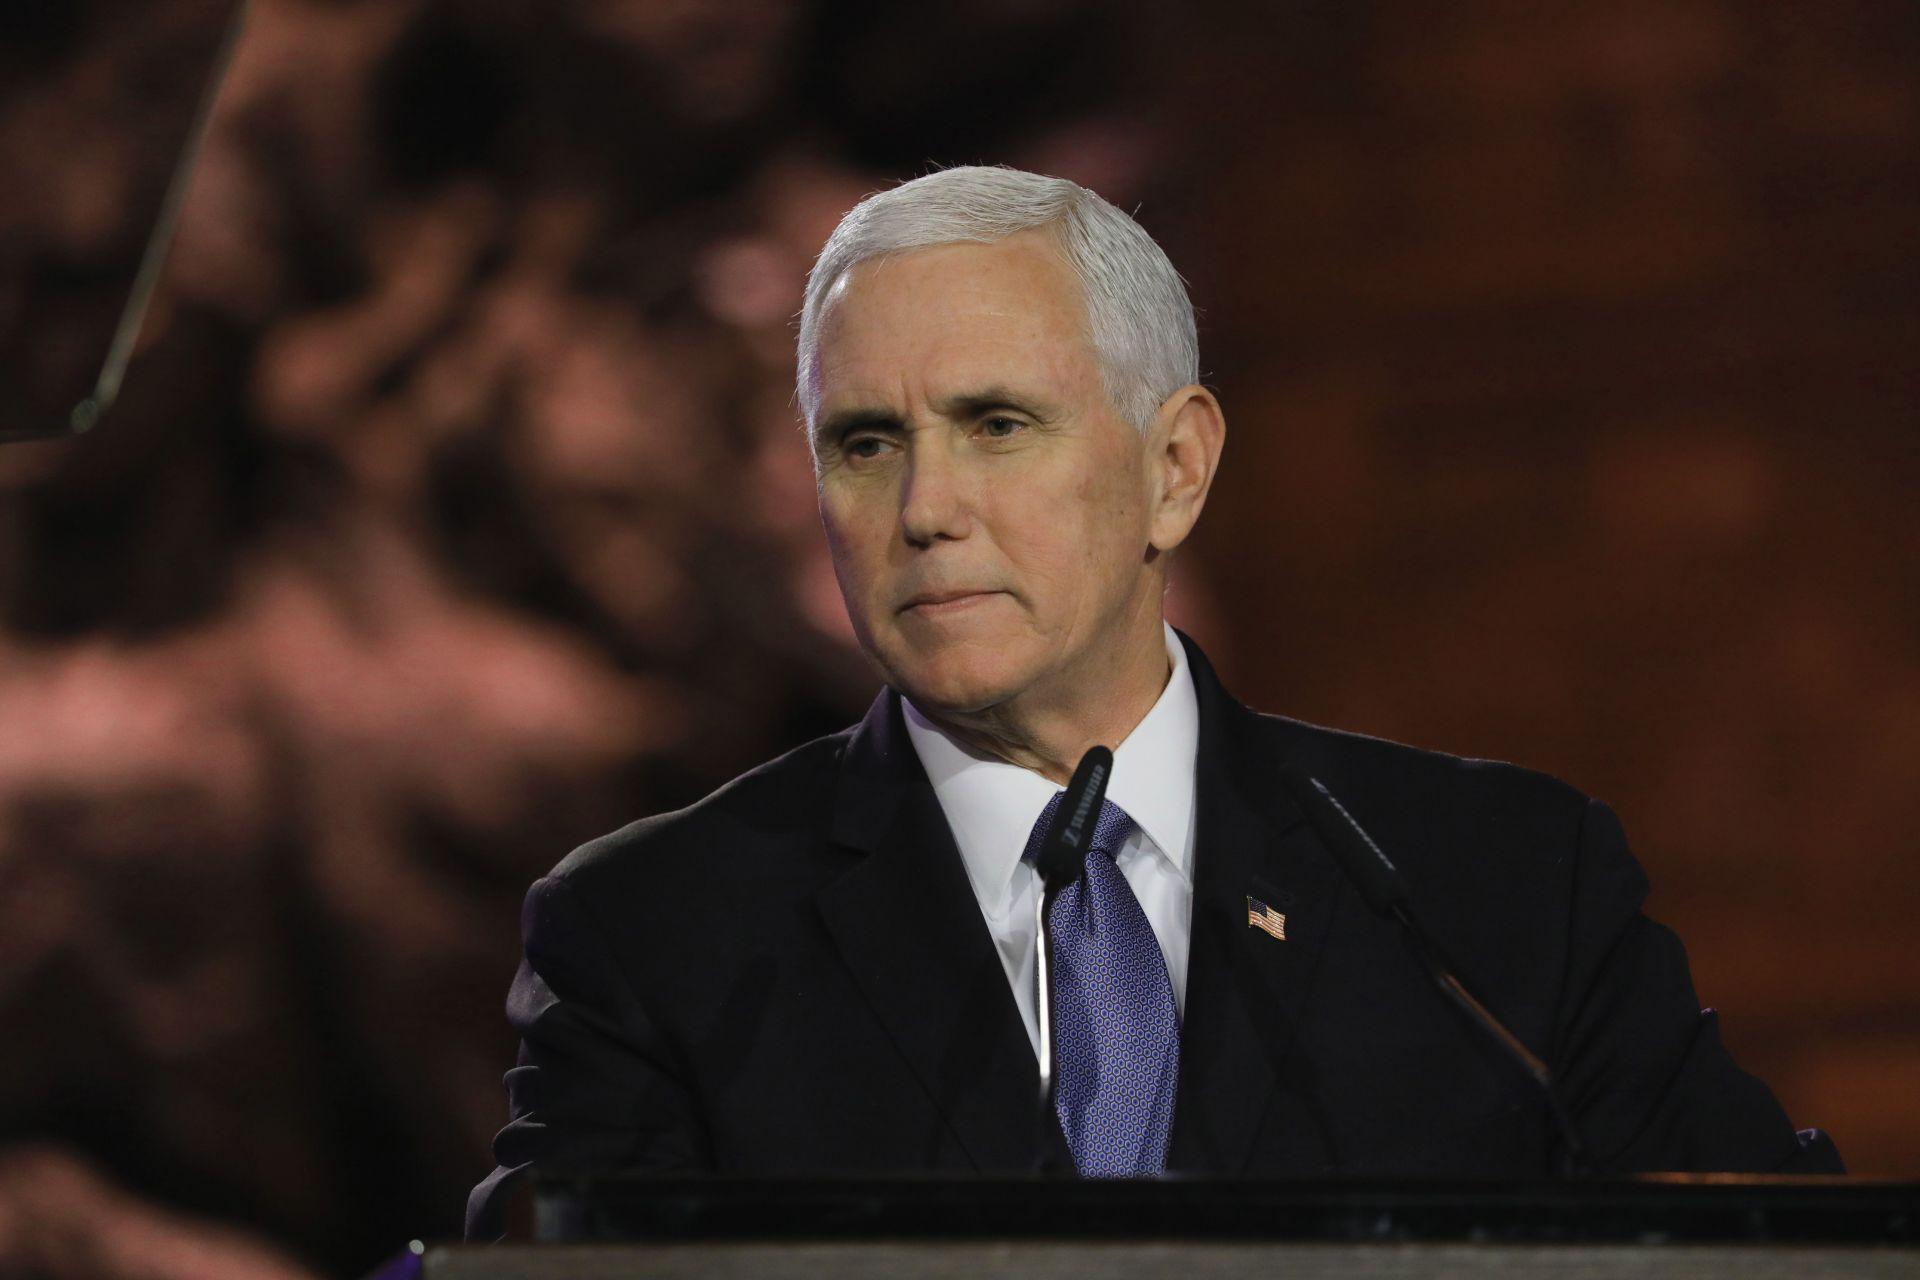 Воцепрезидентът Майк Пенс говори по време на церемонията